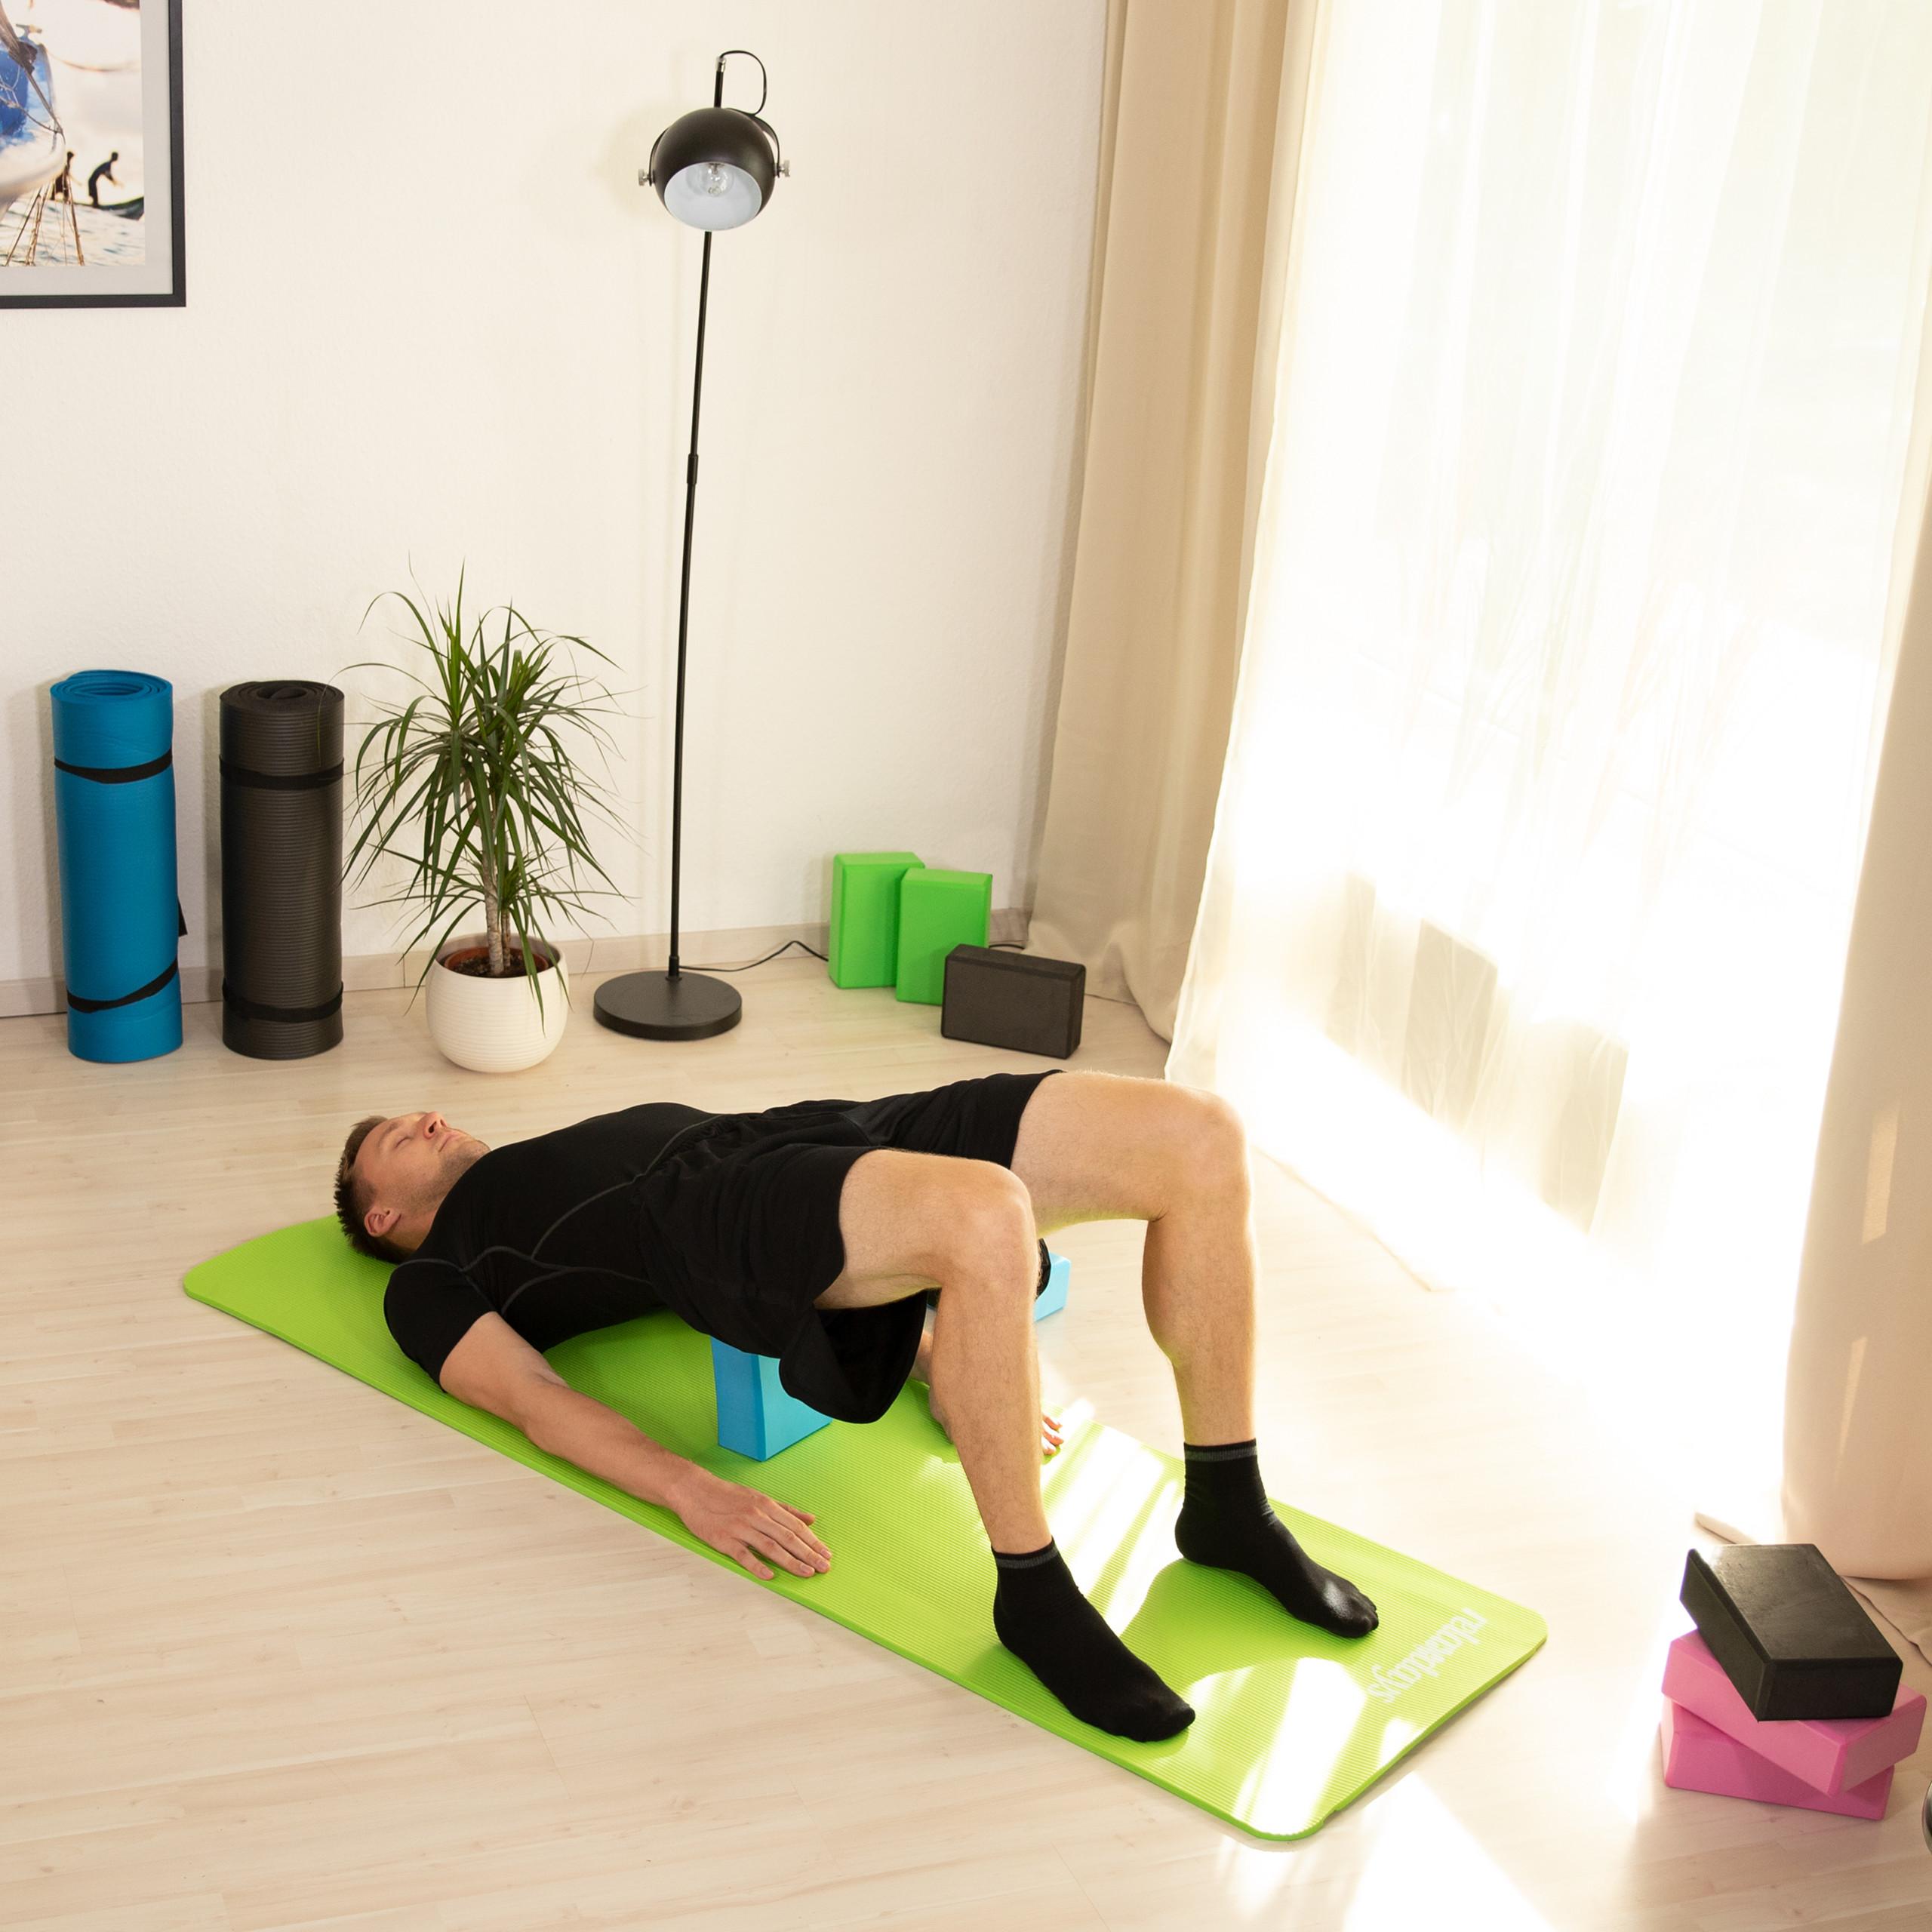 Pack-de-2-bloques-yoga-de-gomaespuma-Tacos-yoga-en-varios-colores-Ladrillos-yoga miniatura 27